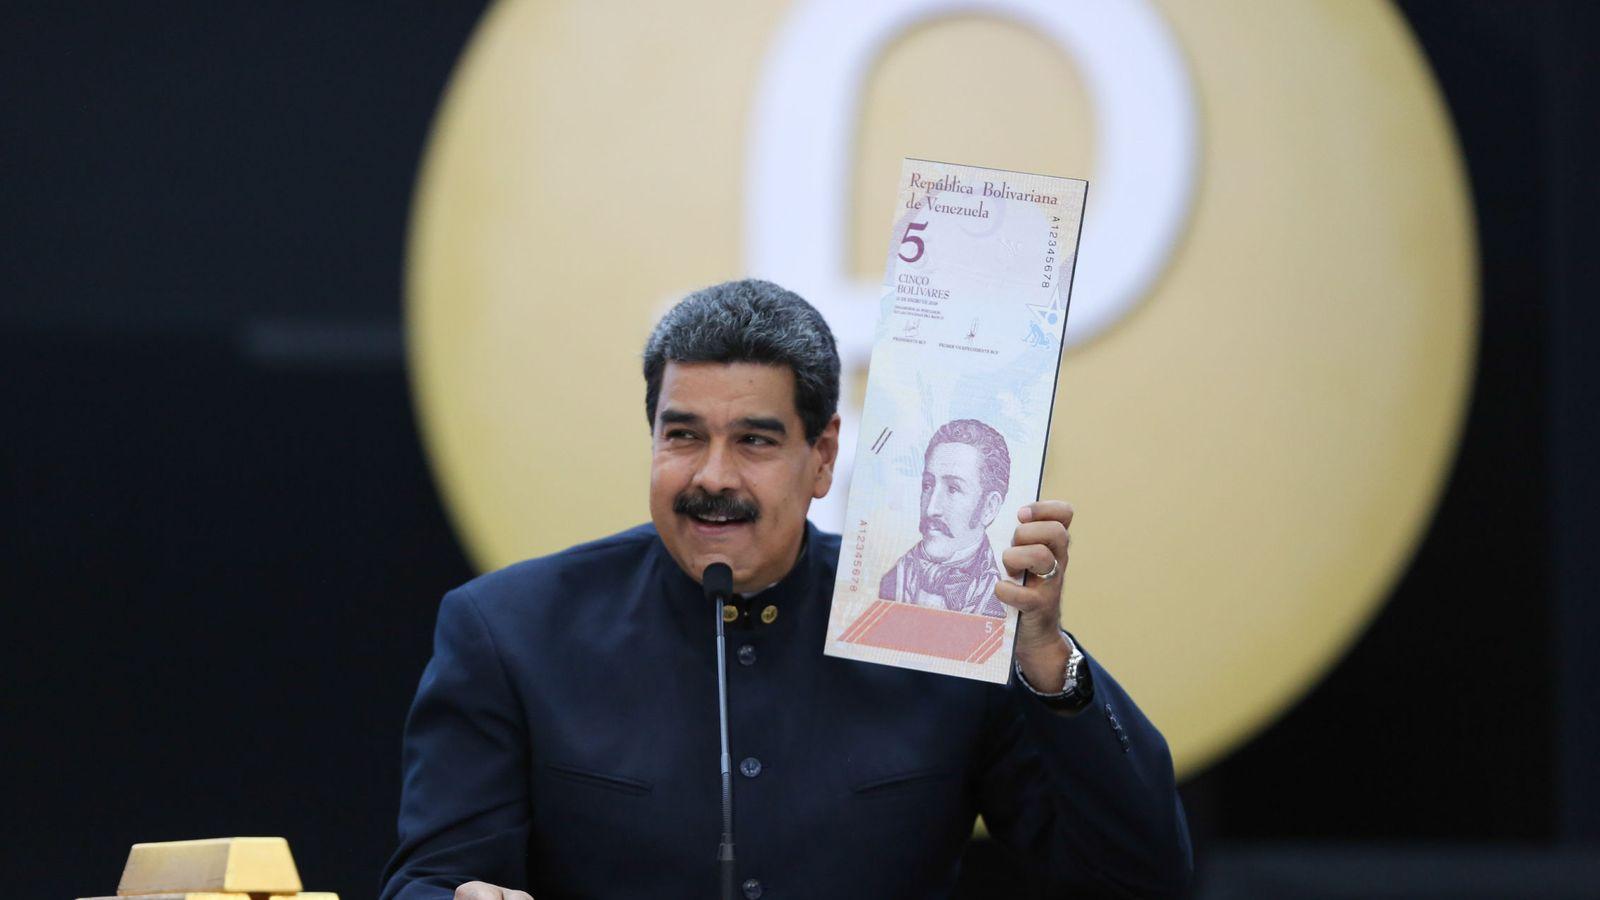 Foto: Nicolás Maduro quien muestra una imagen de un billete en una rueda de prensa, el 22 de marzo de 2018, en Caracas. (EFE)